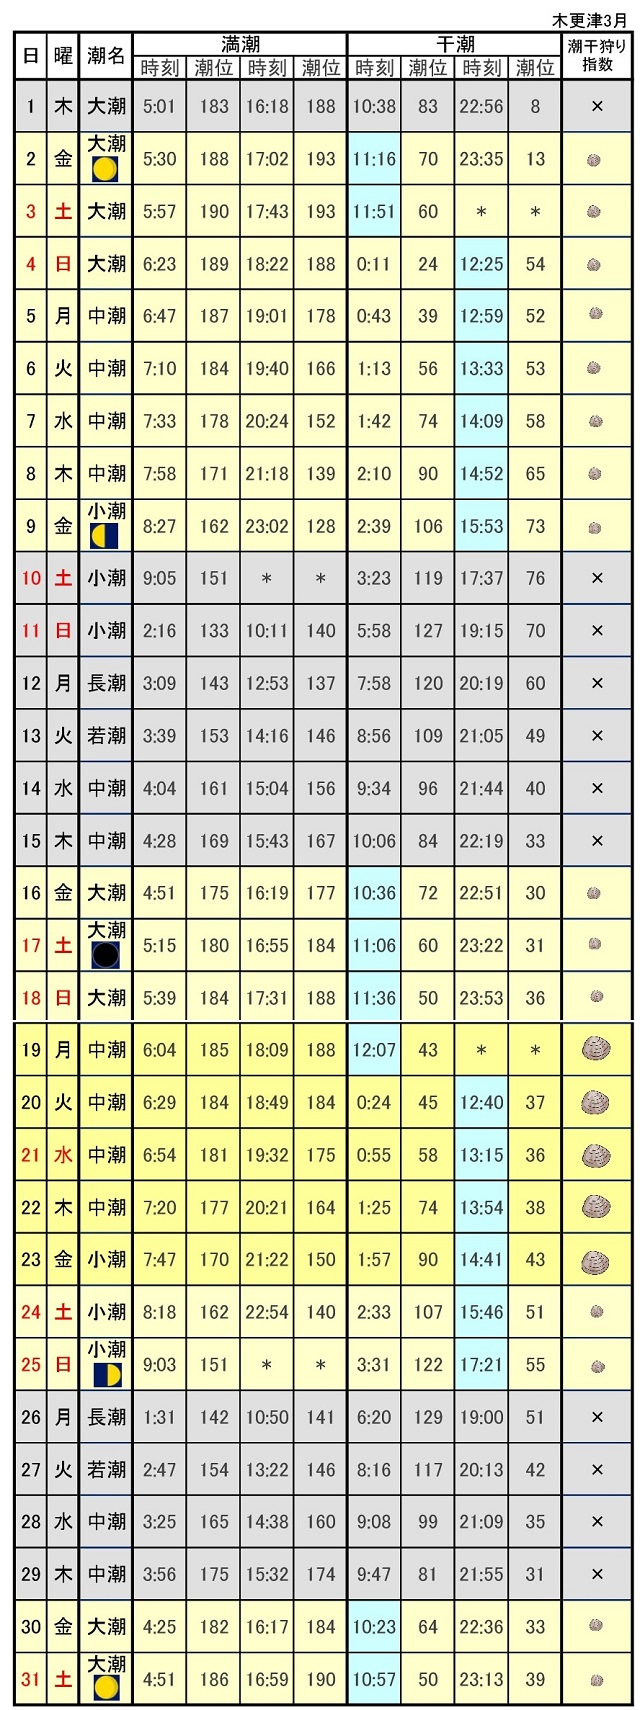 木更津潮干狩り潮見表平成30年3月